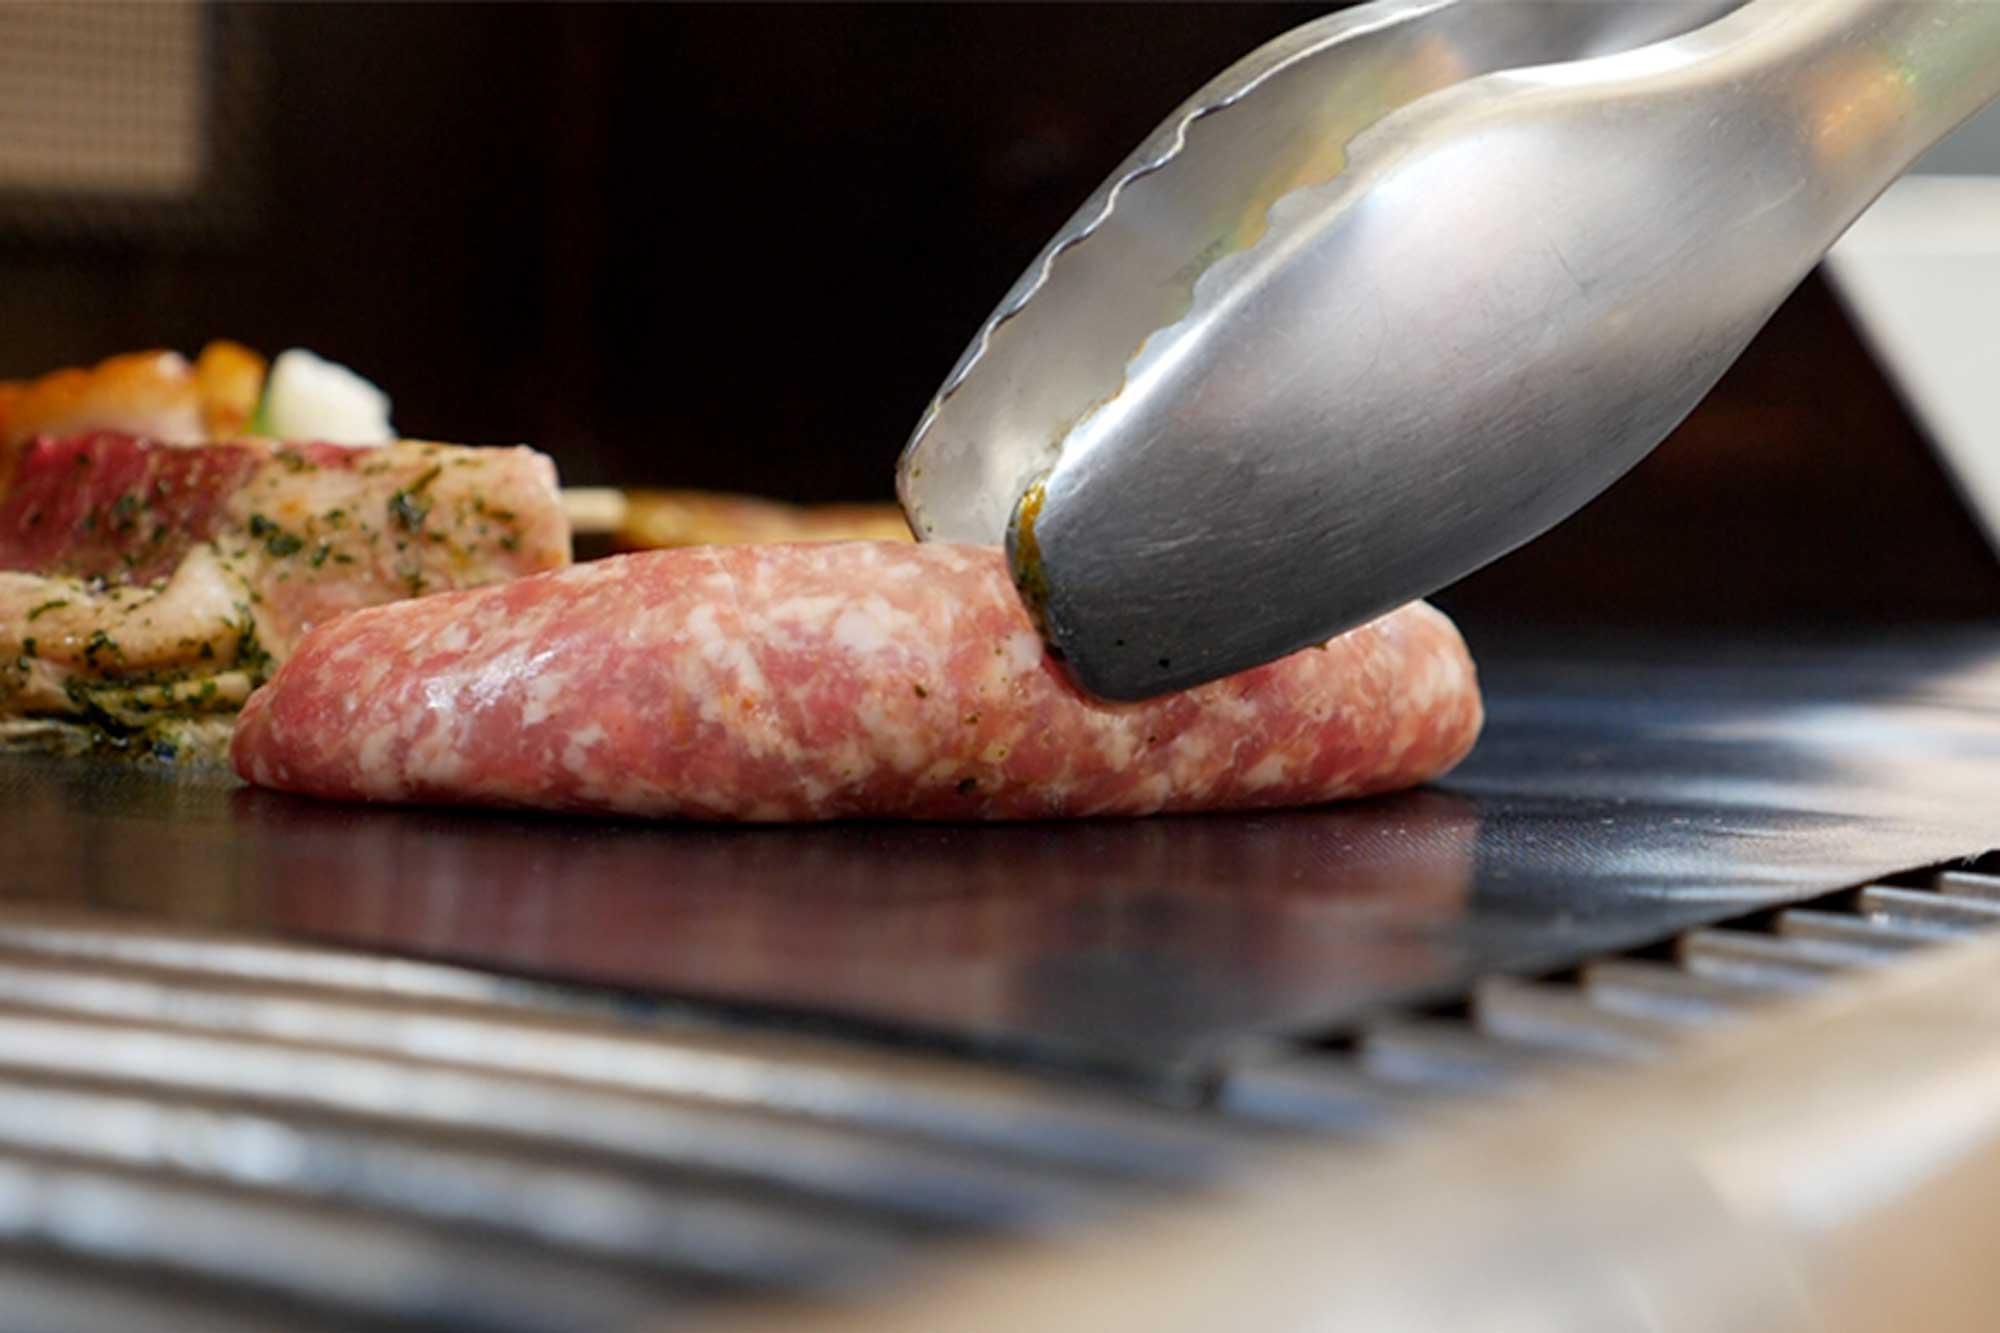 Grillmatte im Test – So bleibt der Grill schön sauber